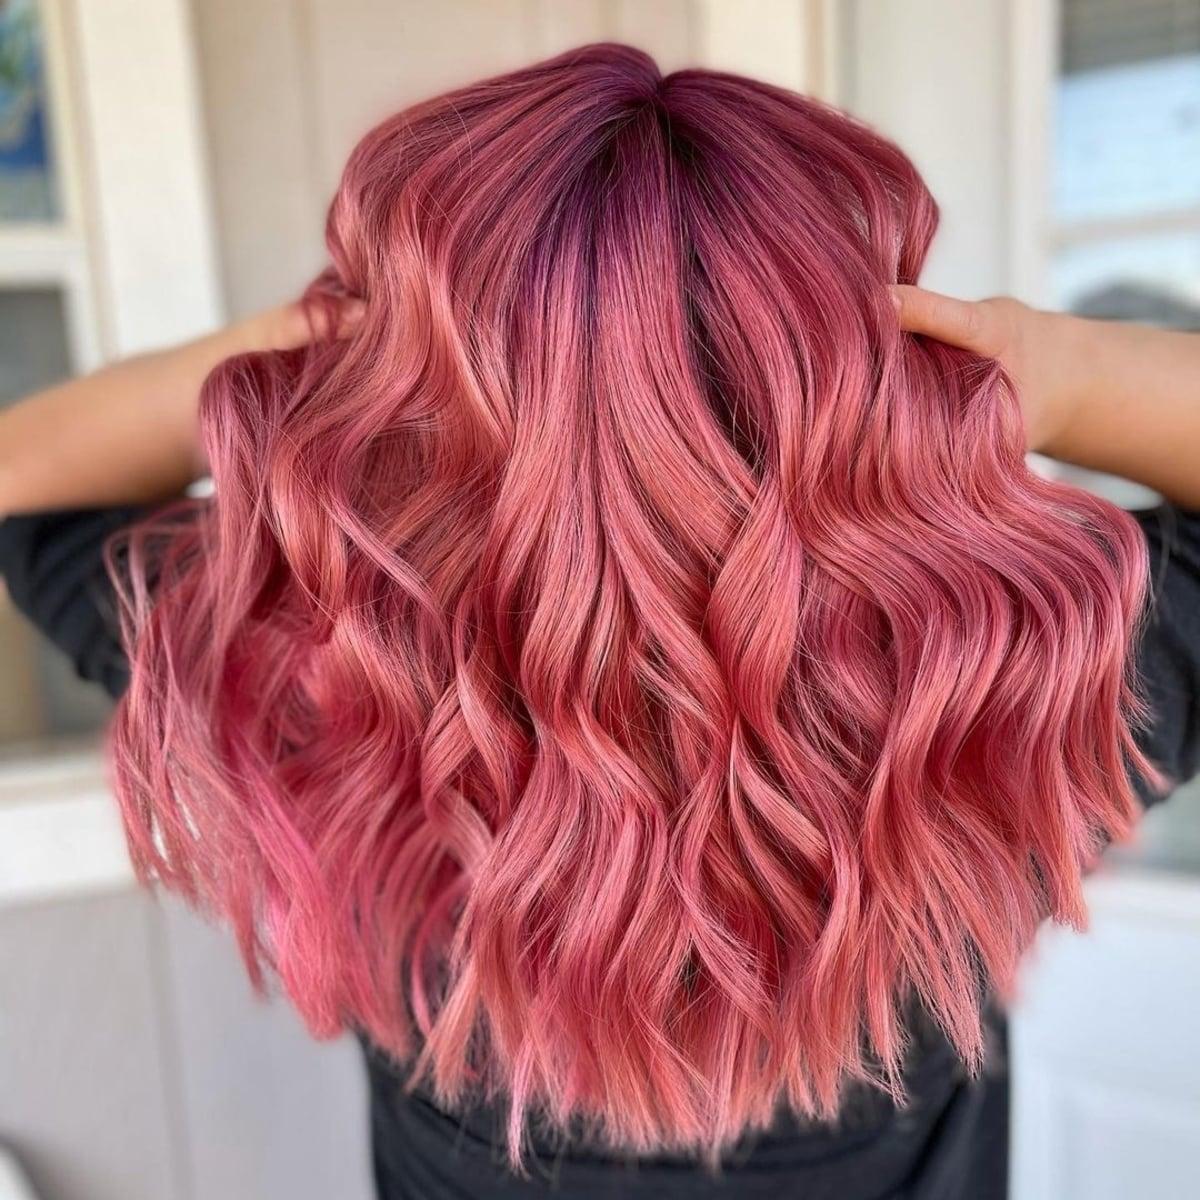 Cheveux magenta et or rose